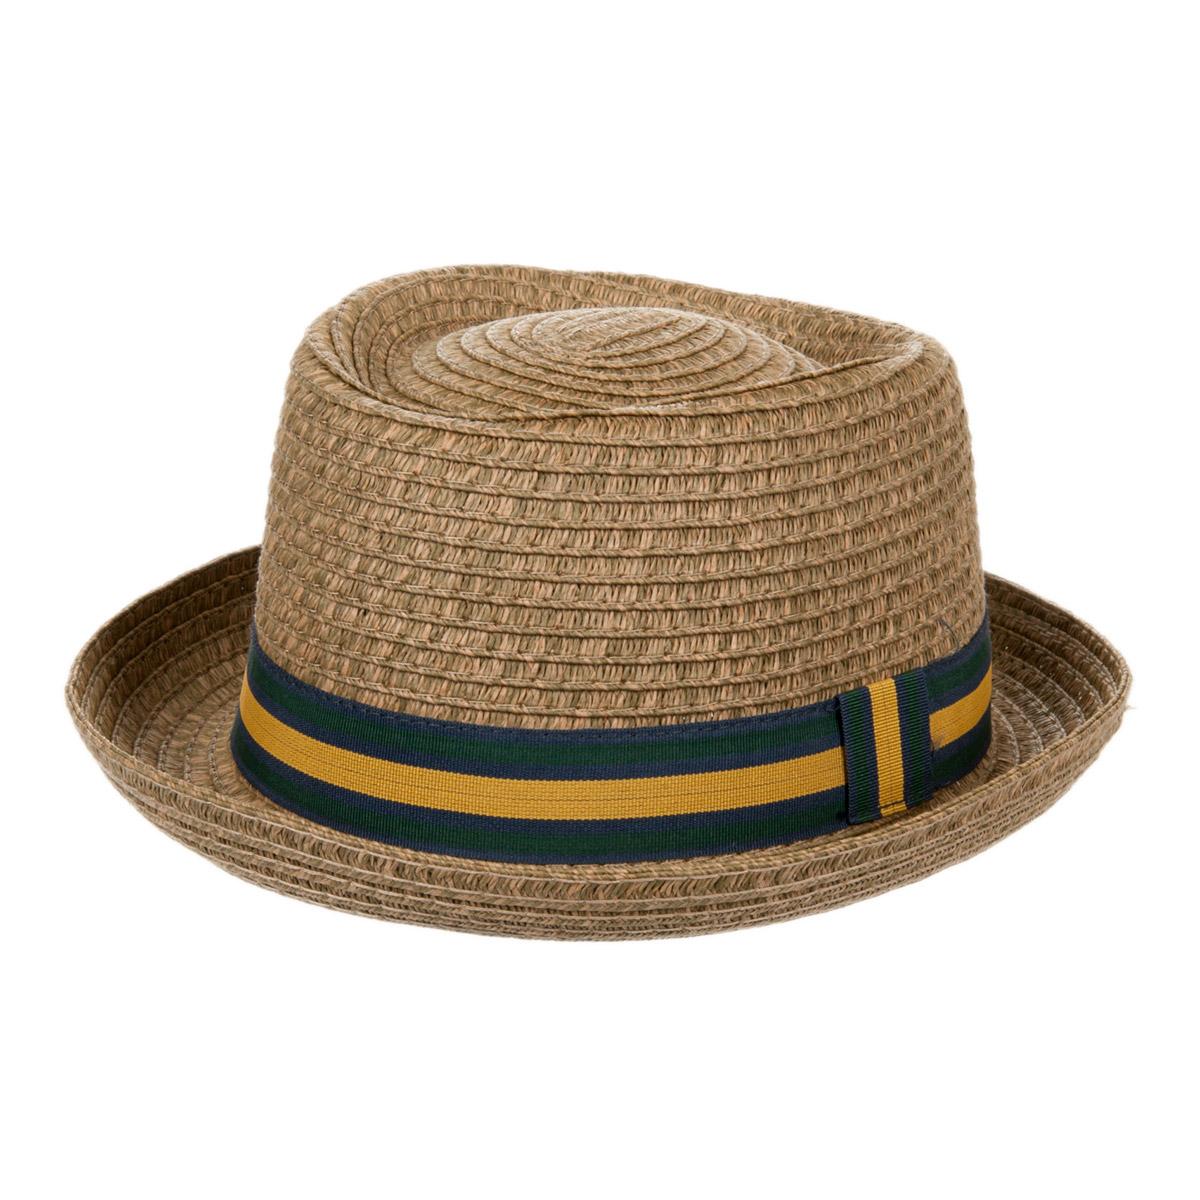 cappello pork pie in paglia di carta per l estate 9c64bdb31881